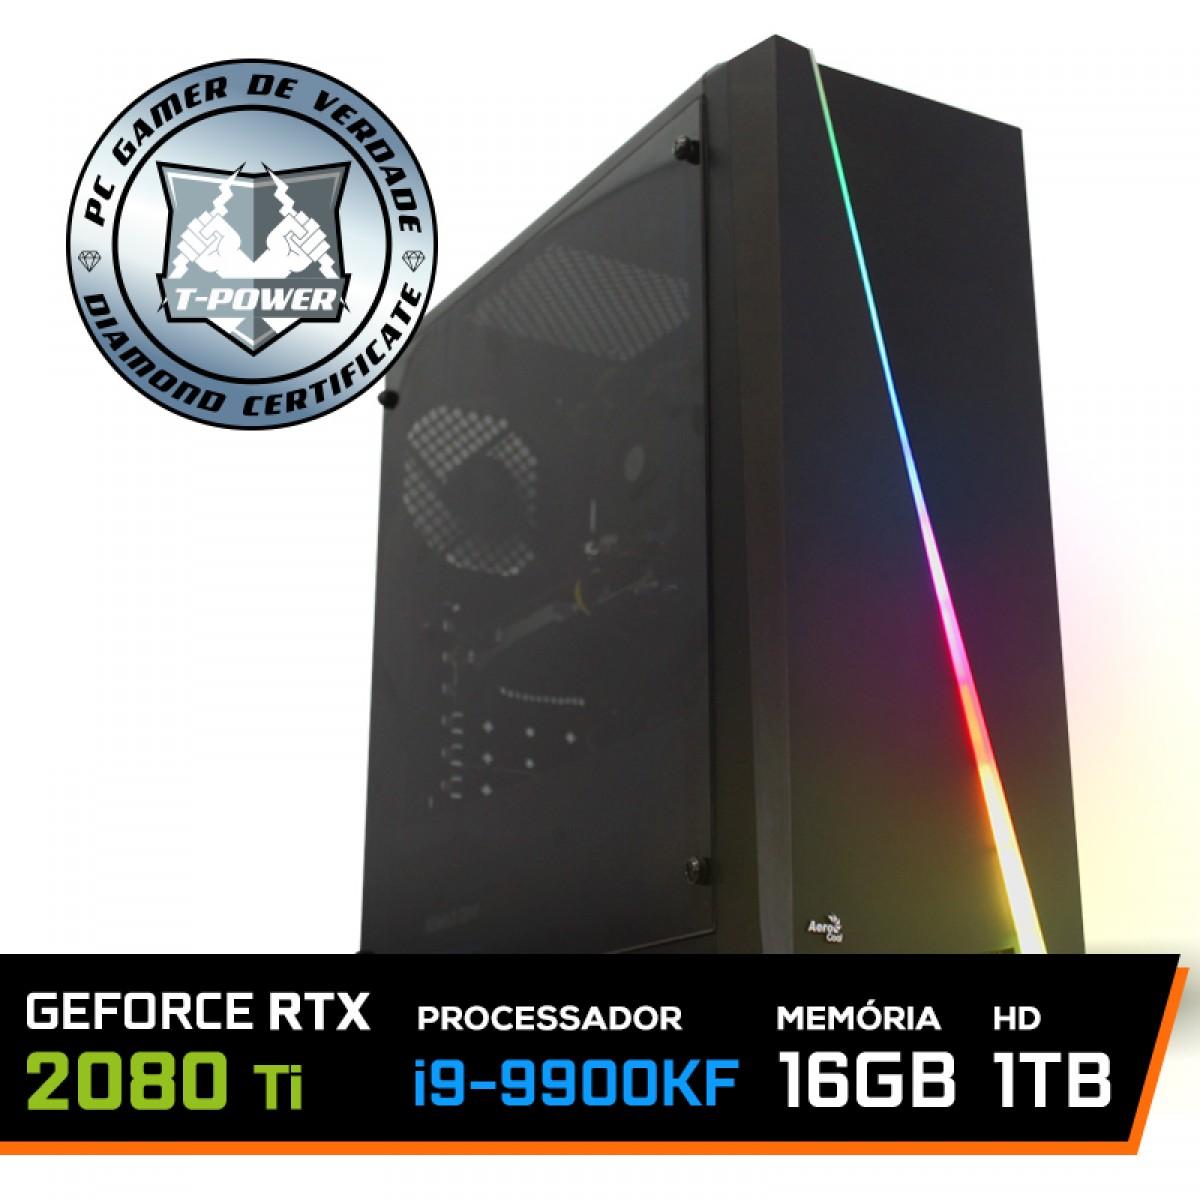 Pc Gamer T-Power Inferno Lvl-4 Intel I9 9900kF 3.60GHz / Geforce RTX 2080 Ti 11GB / DDR4 16GB / HD 1TB / 700W